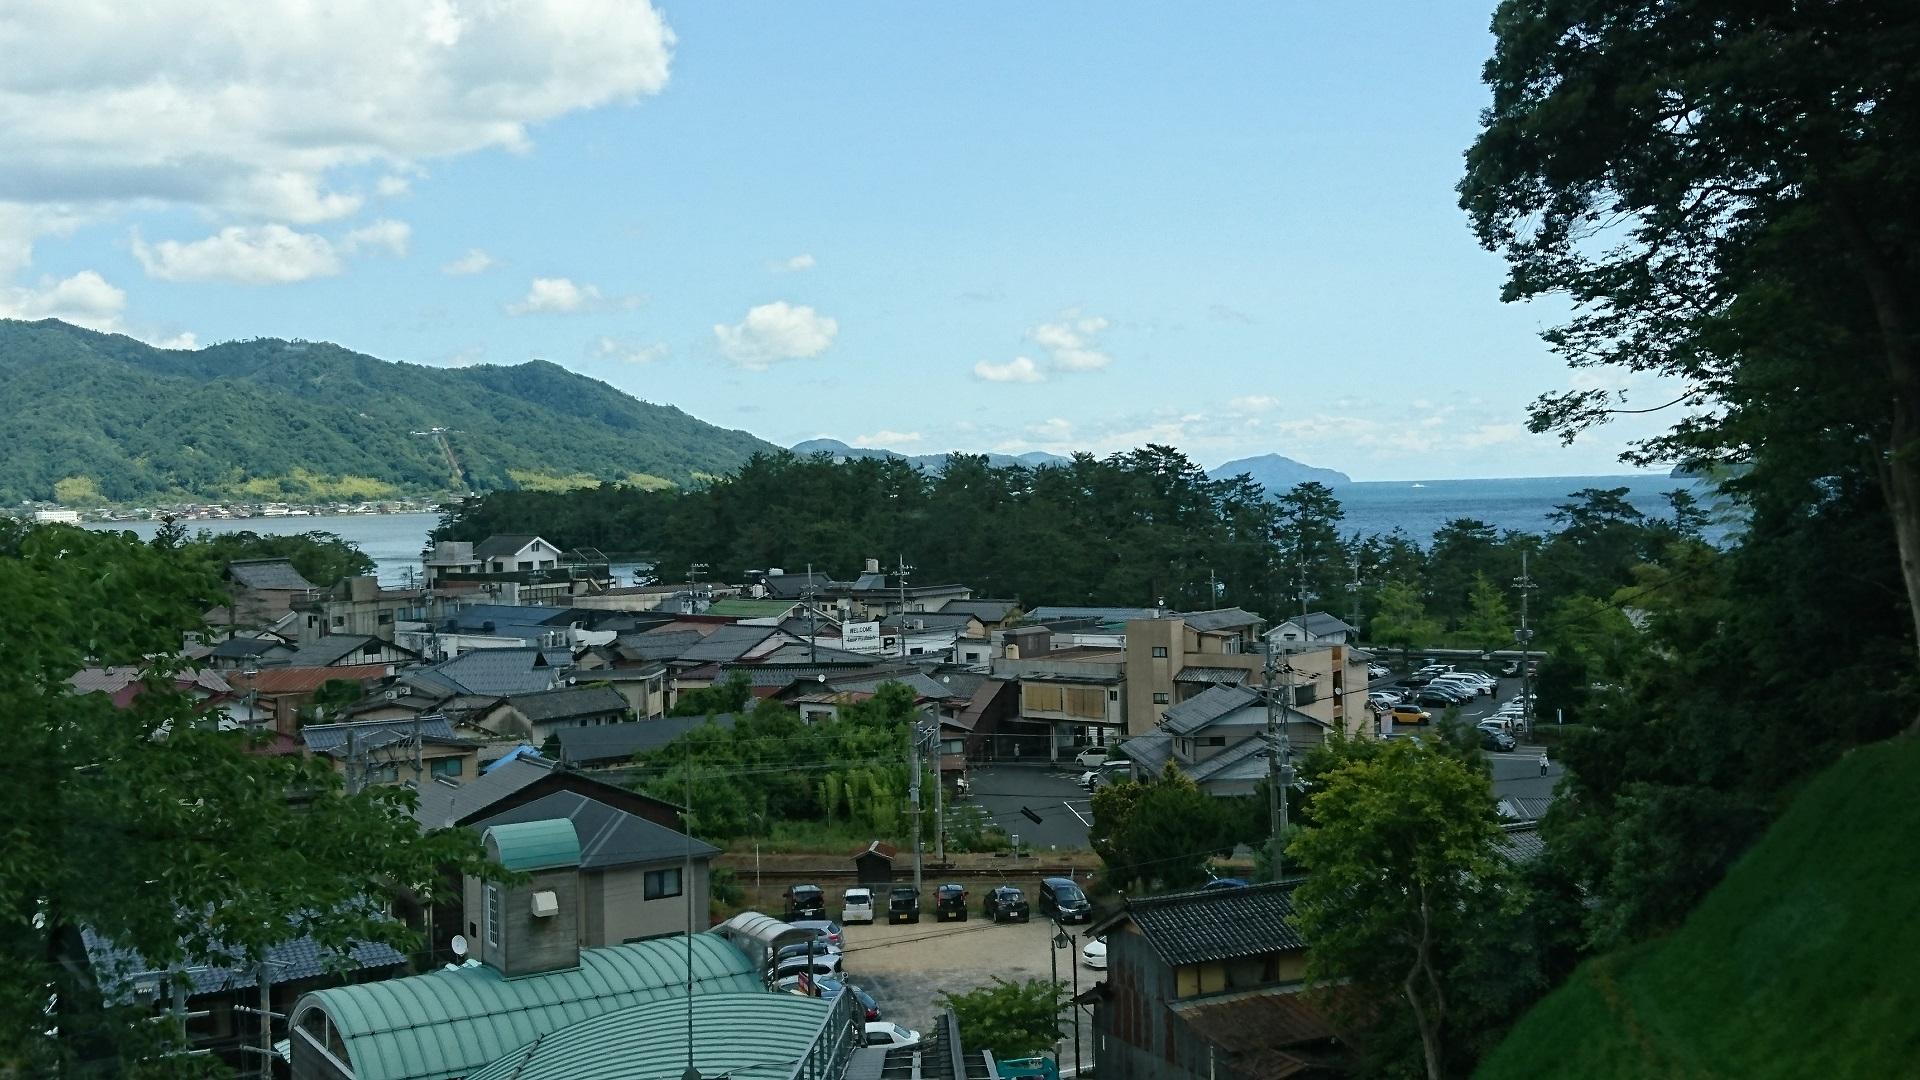 2017.6.4 天橋立 (54) ロープヱー 05 1920-1080